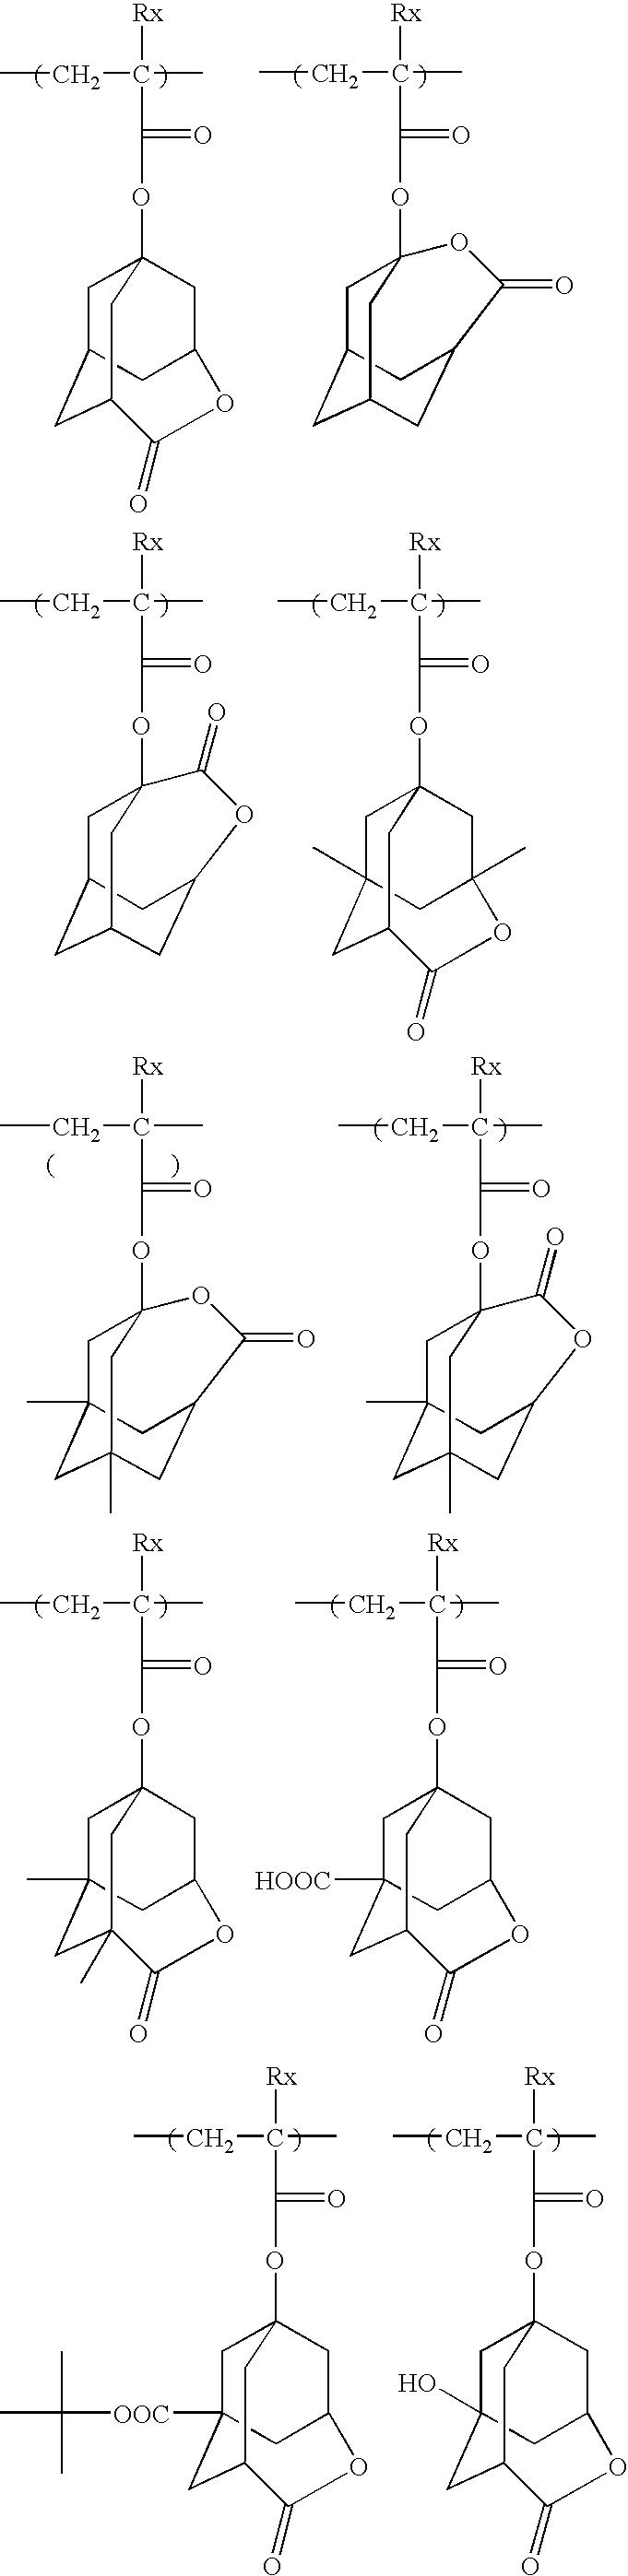 Figure US08404427-20130326-C00061